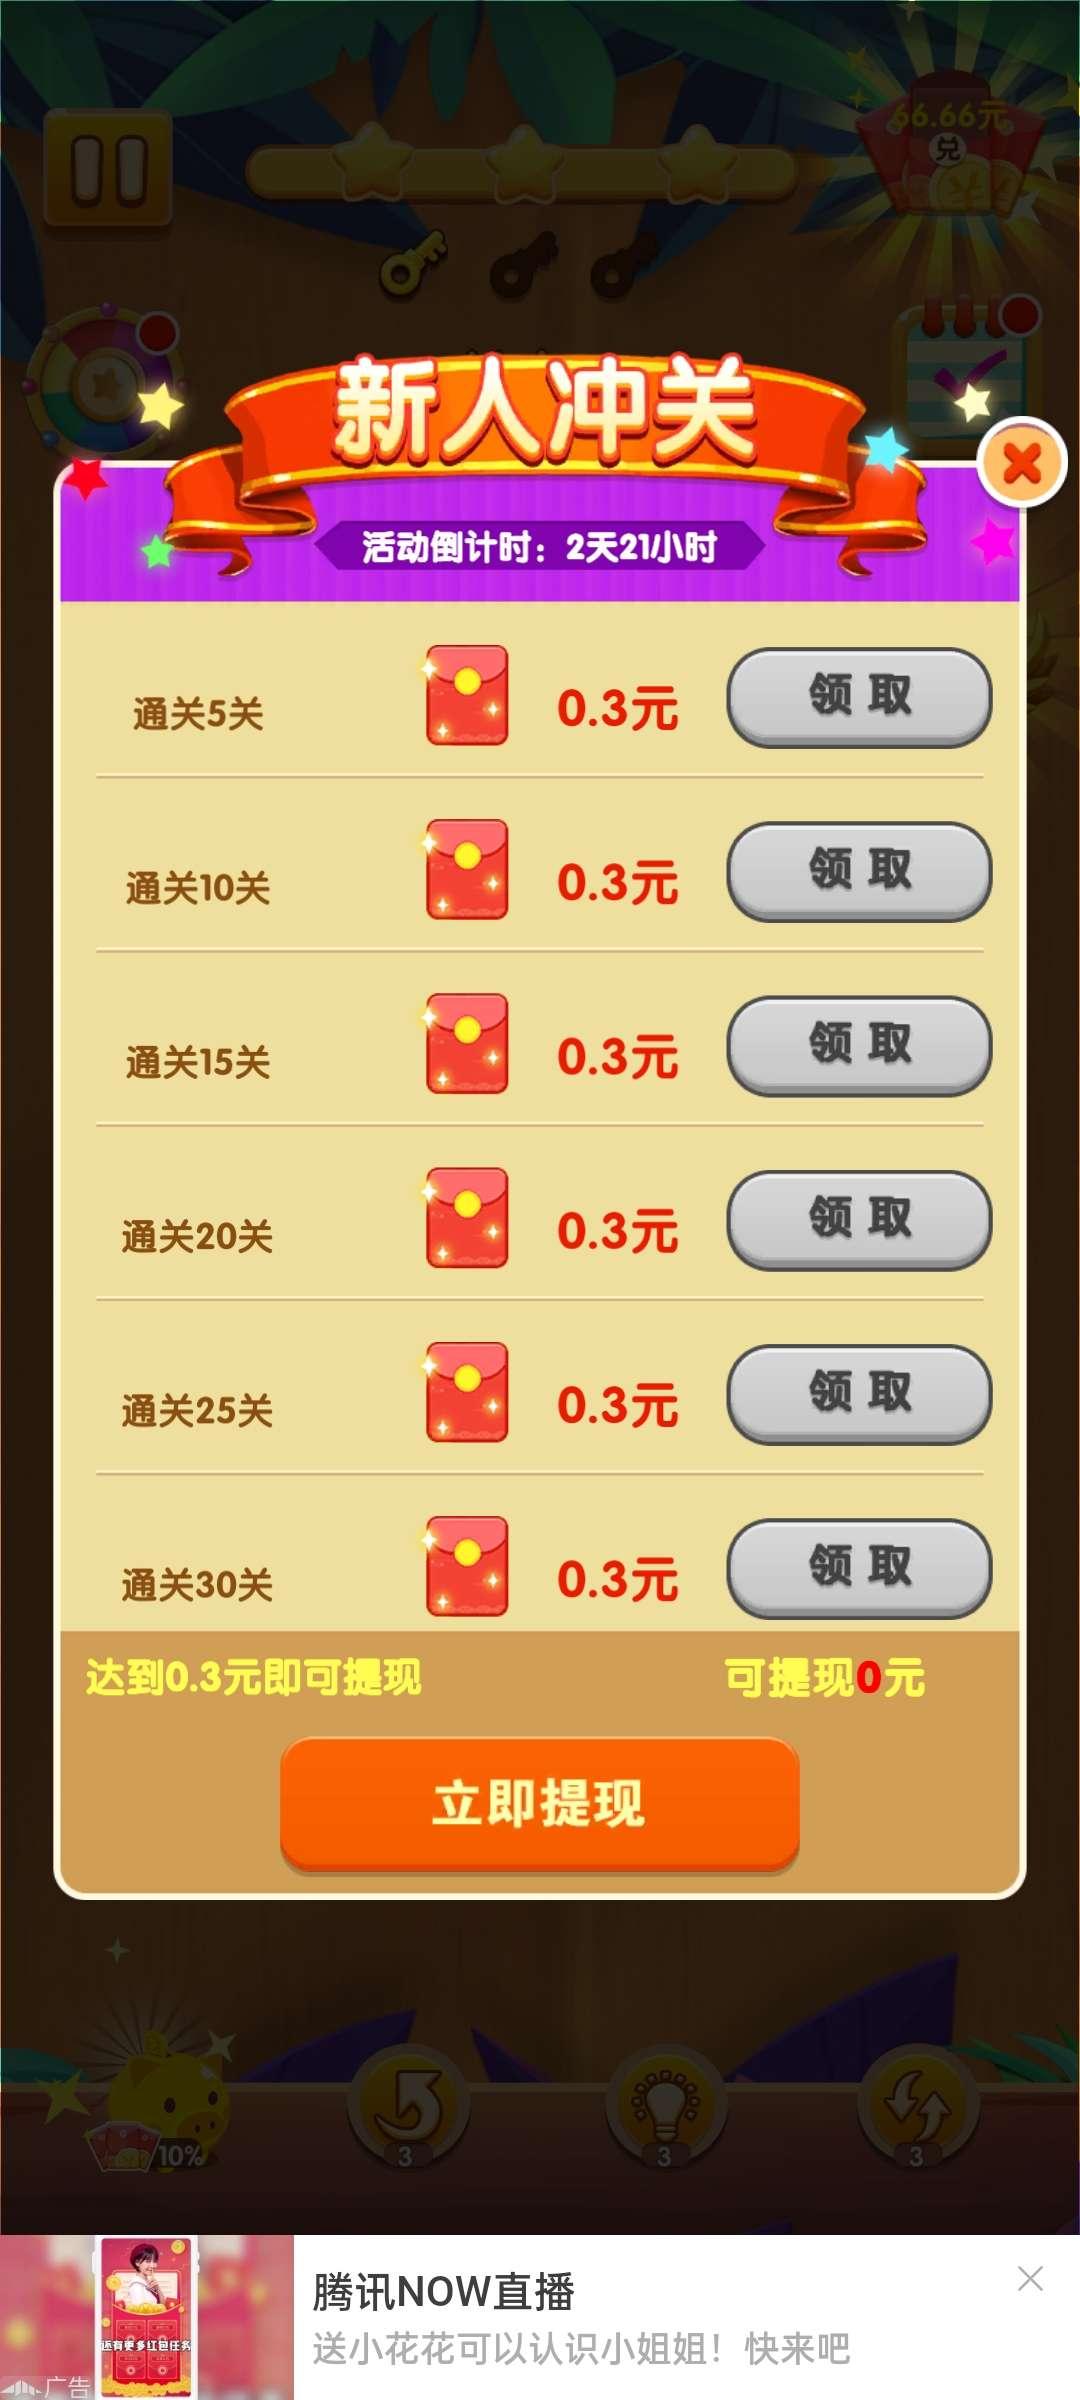 方块消消乐玩游戏提现0.3r